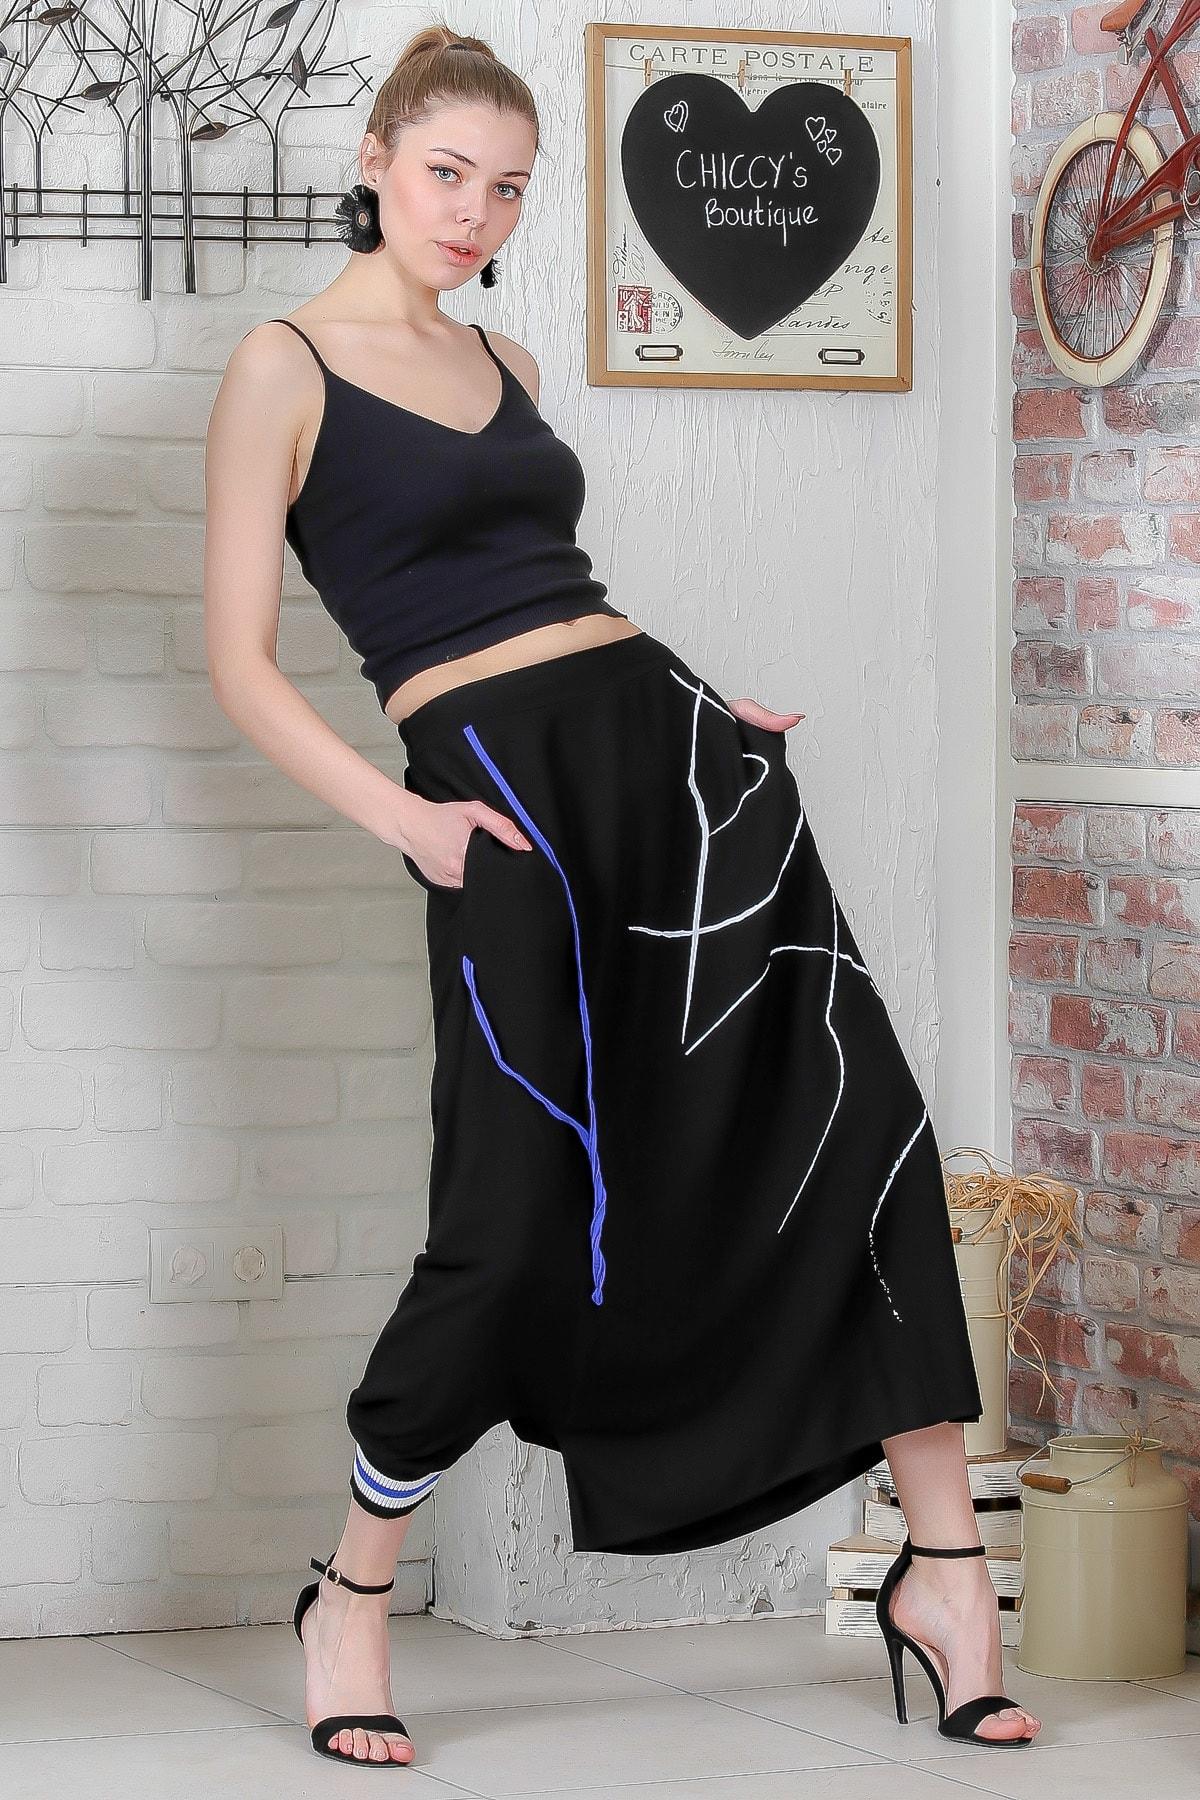 Chiccy Kadın Siyah-Mavi Tek Paçası Lastikli Diğeri Açık Çizgi Baskılı Şalvar Pantolon  M10060000PN98916